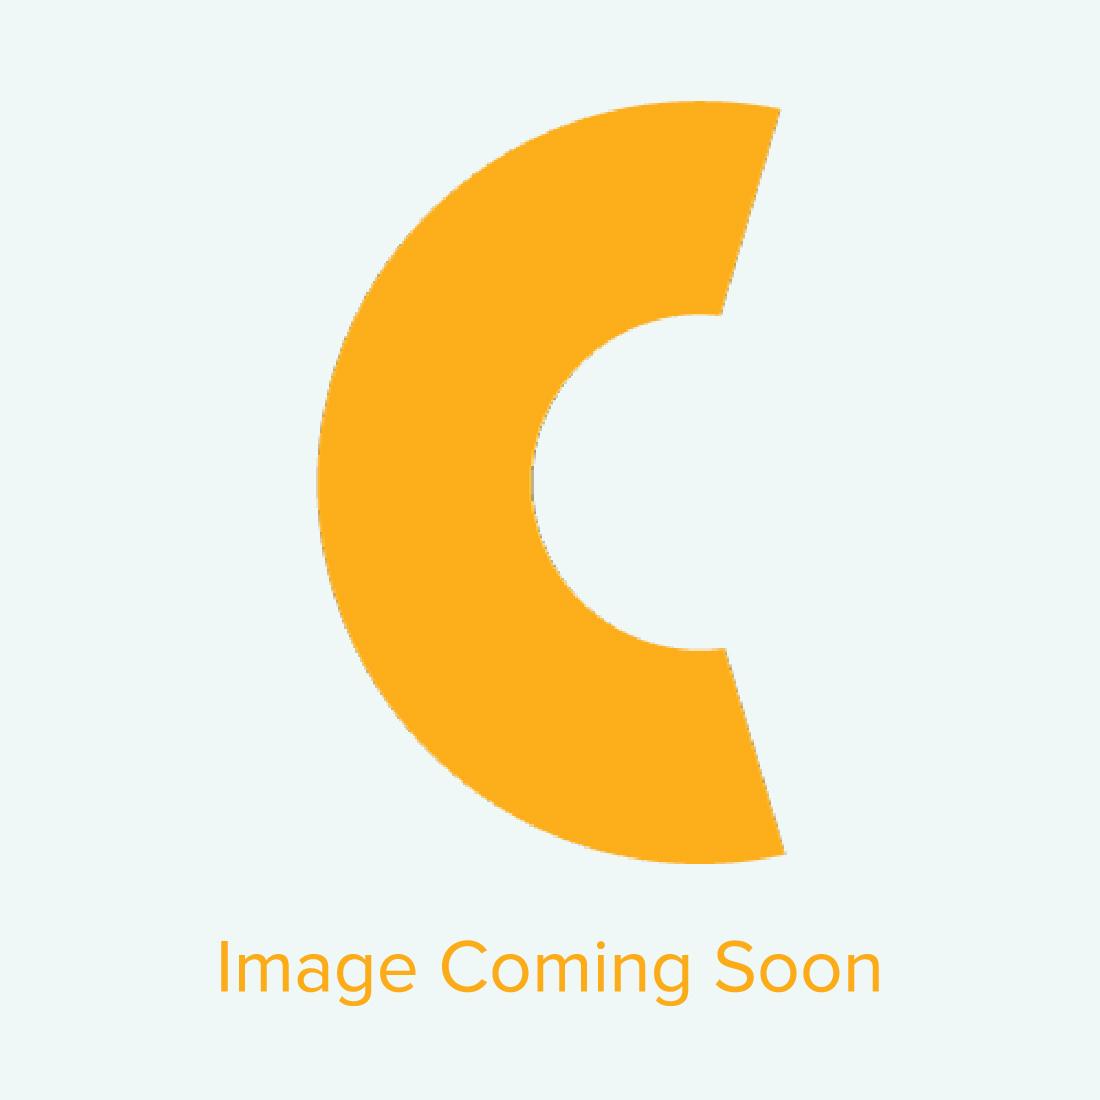 """Hix Air Automatic Digital Clamshell Heat Press - 16"""" x 20"""""""